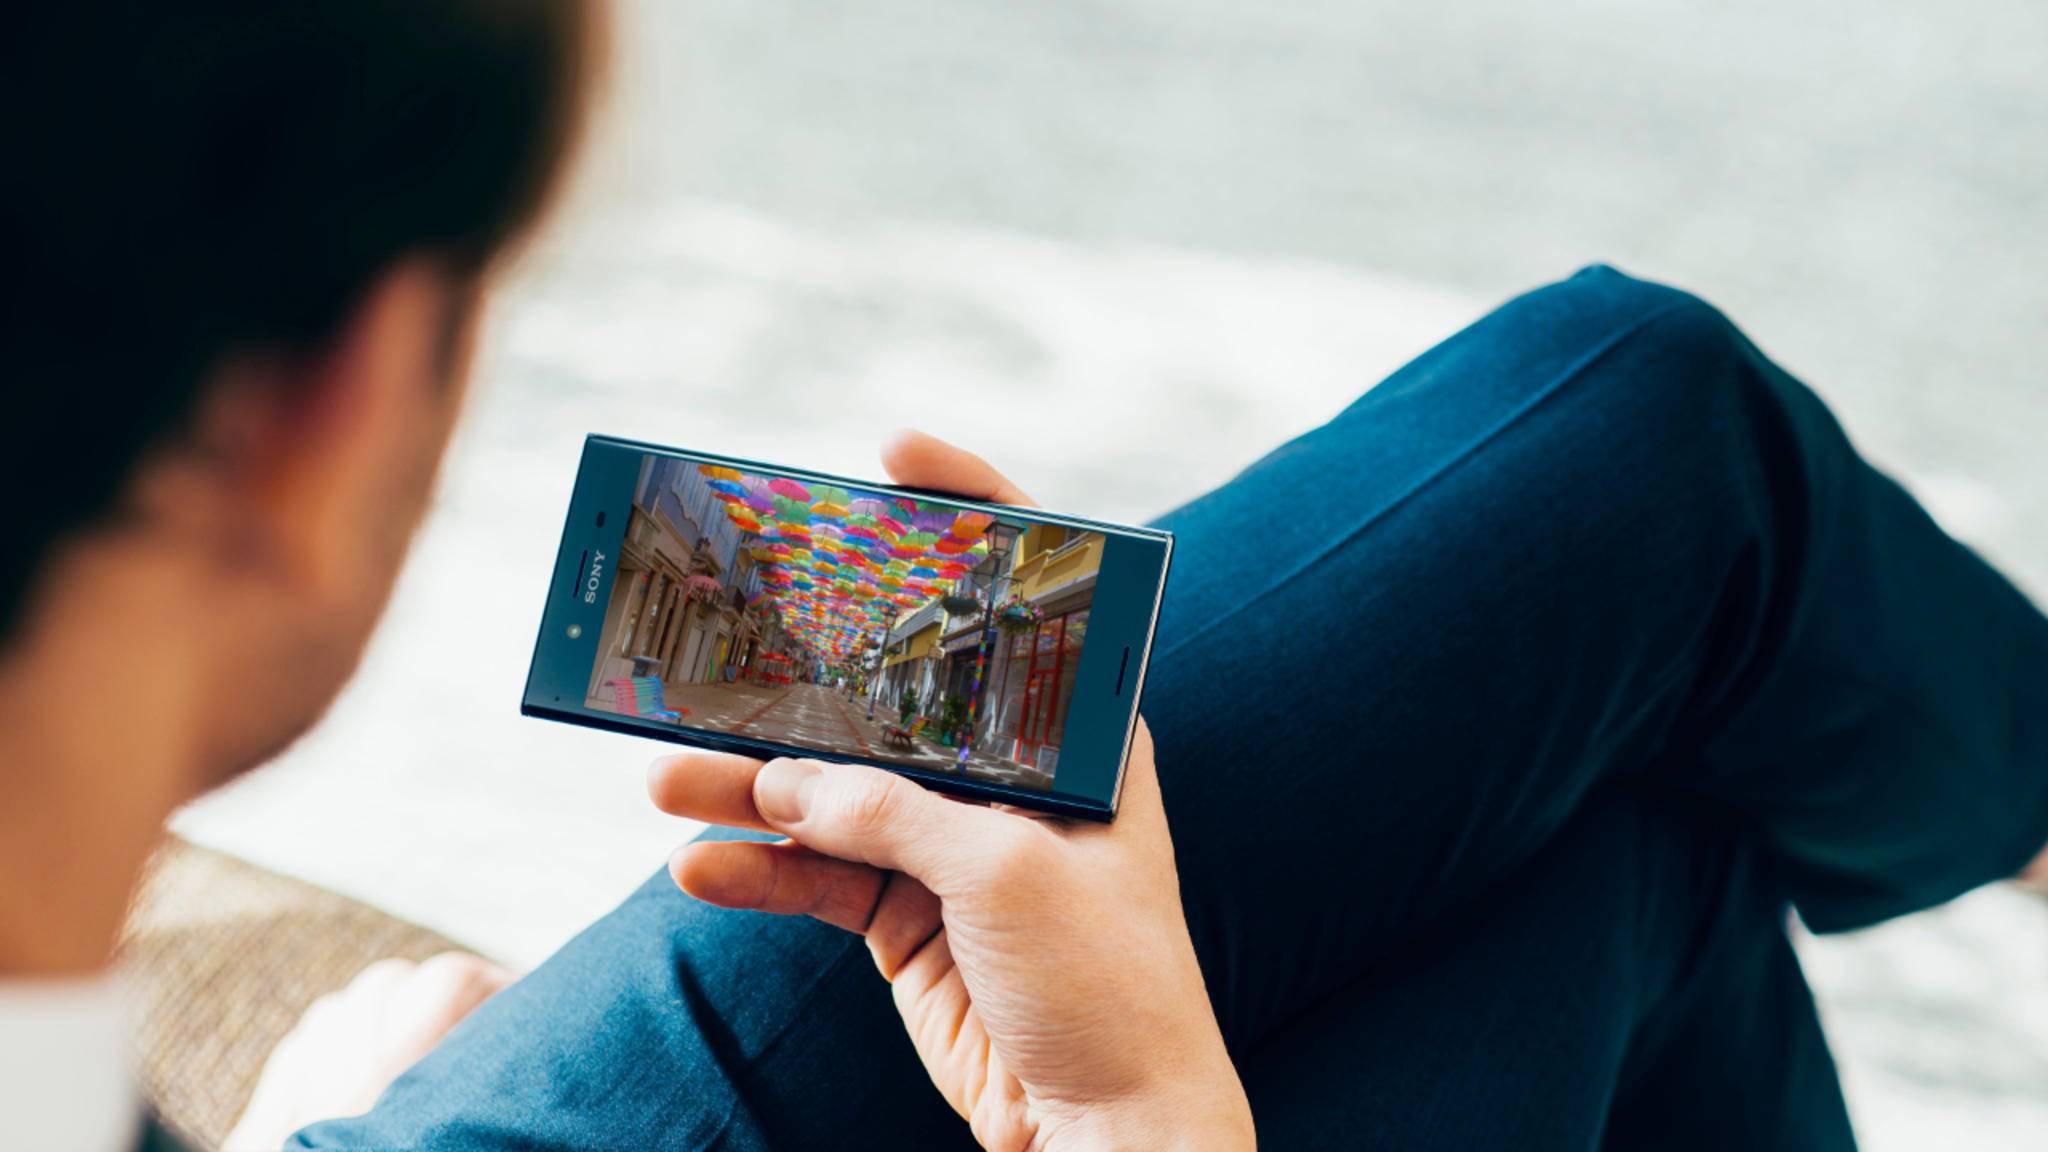 Das Xperia XZ Premium ist aktuell das Smartphone mit der höchsten Pixeldichte.